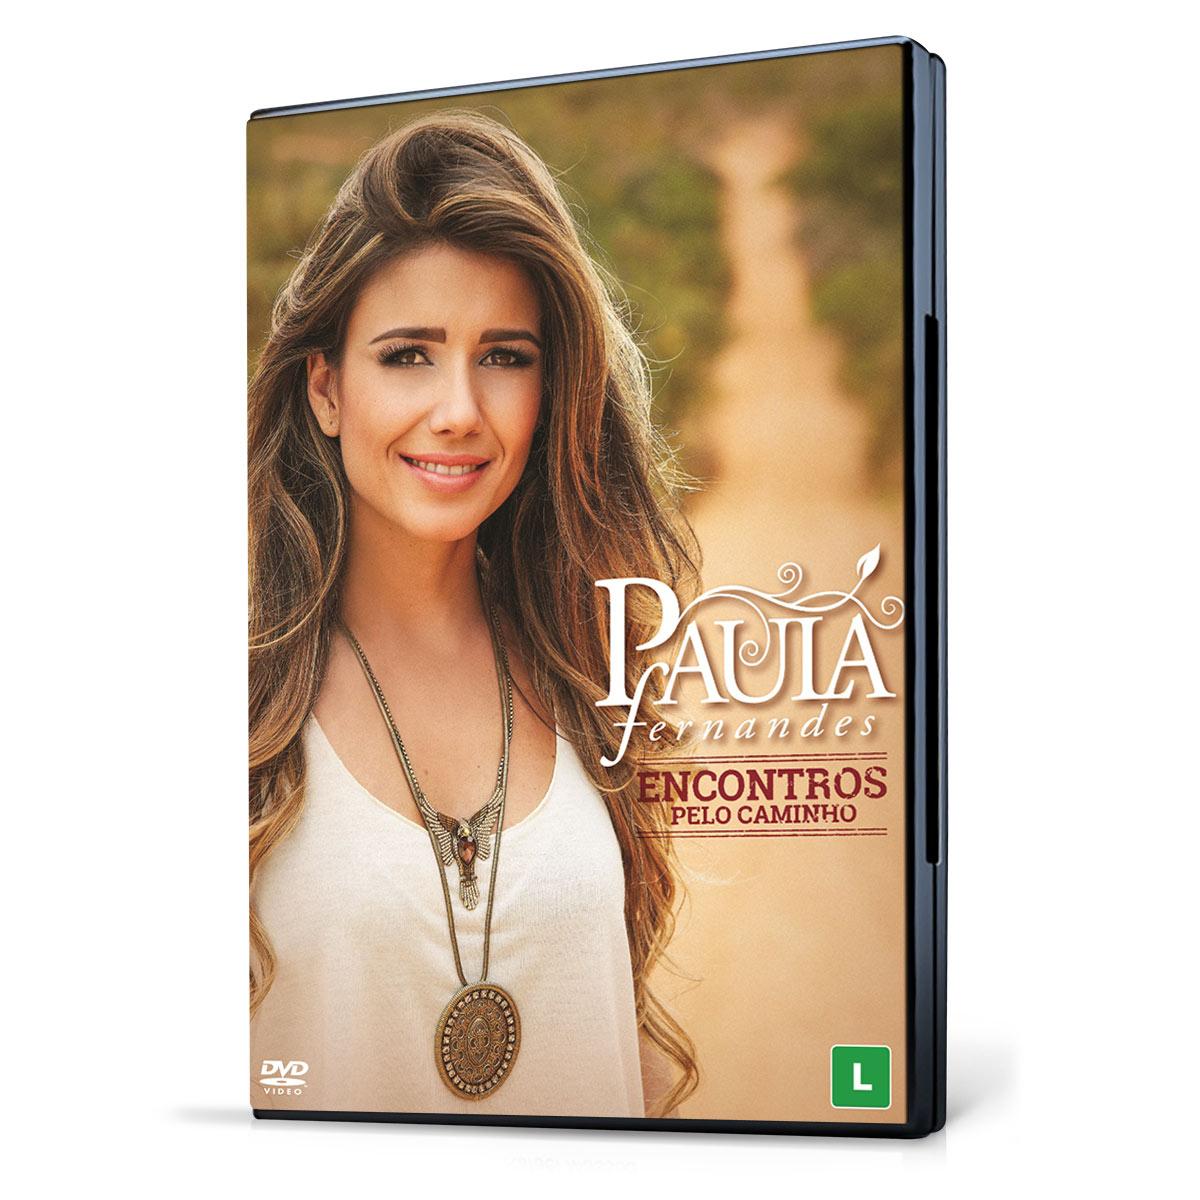 DVD Paula Fernandes Encontros Pelo Caminho